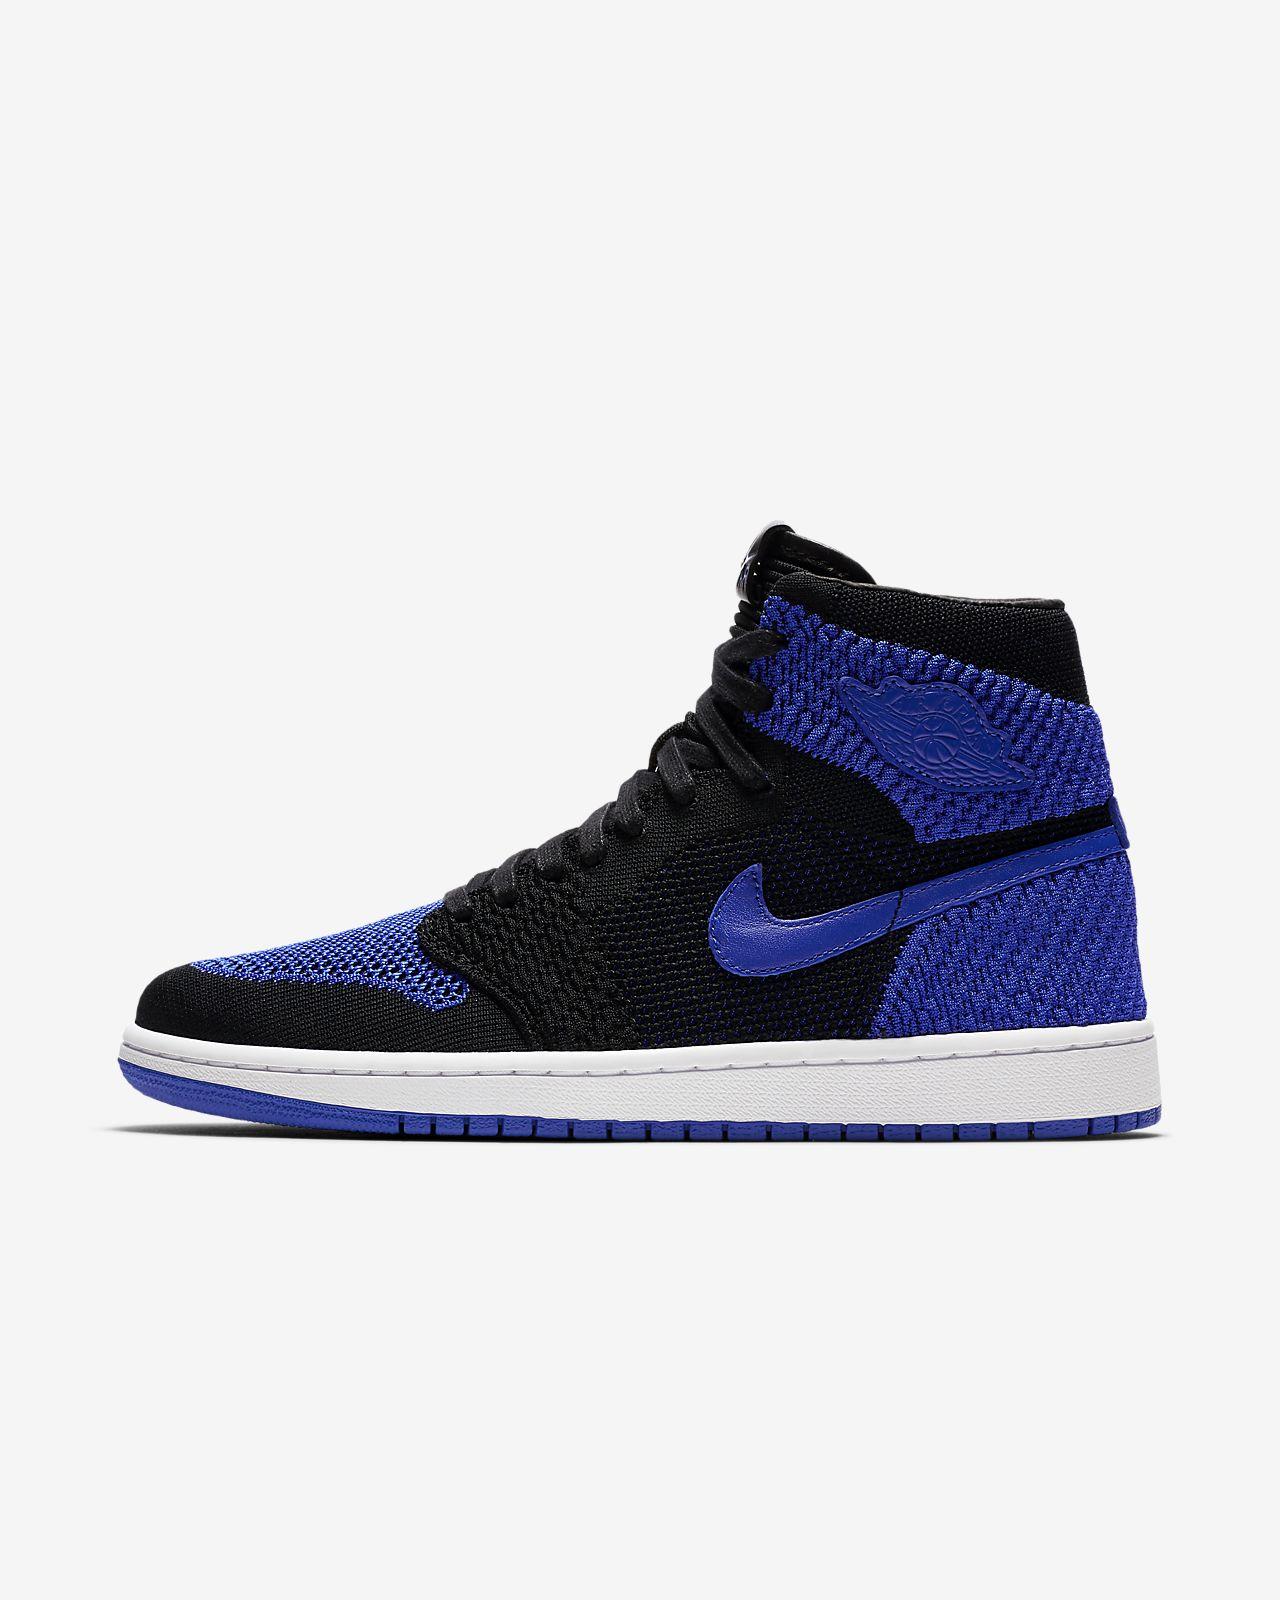 chaussures de séparation 586d1 05320 Chaussure Air Jordan 1 Retro High Flyknit pour Homme